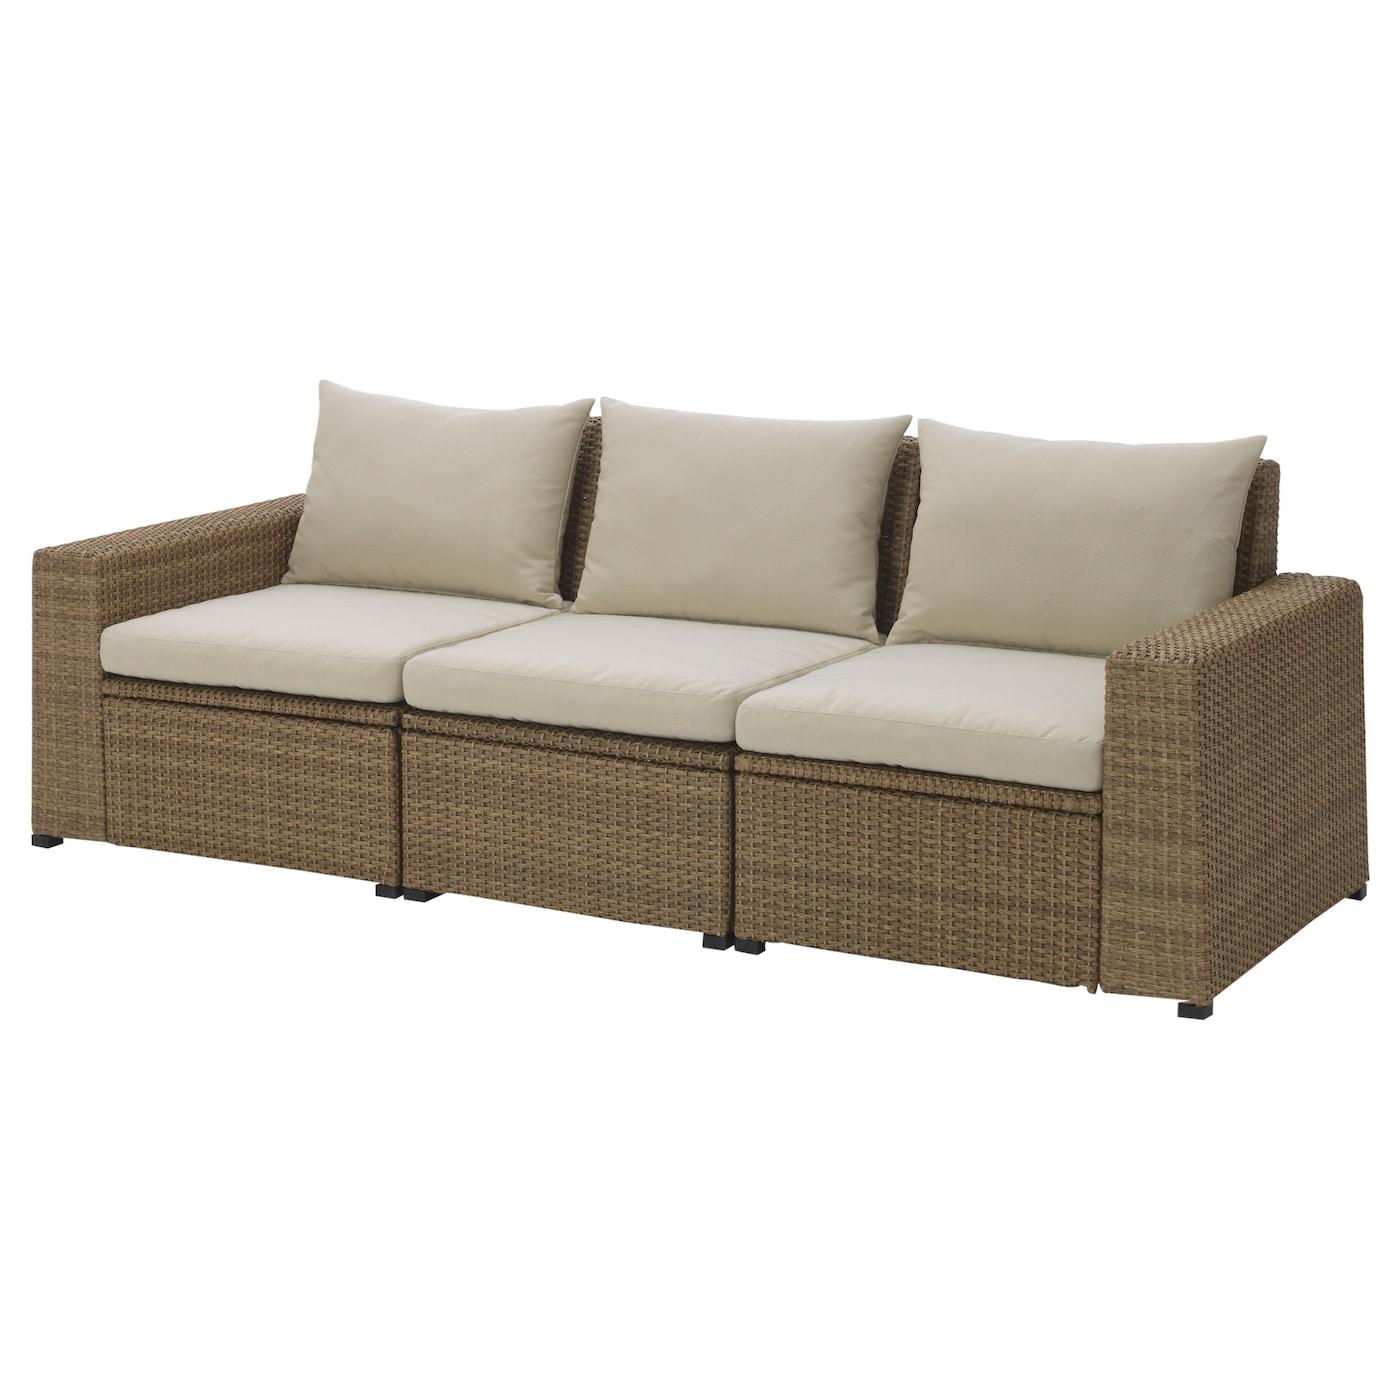 Canapés Fauteuils IKEA - Canapé 3 places pour deco lit enfant